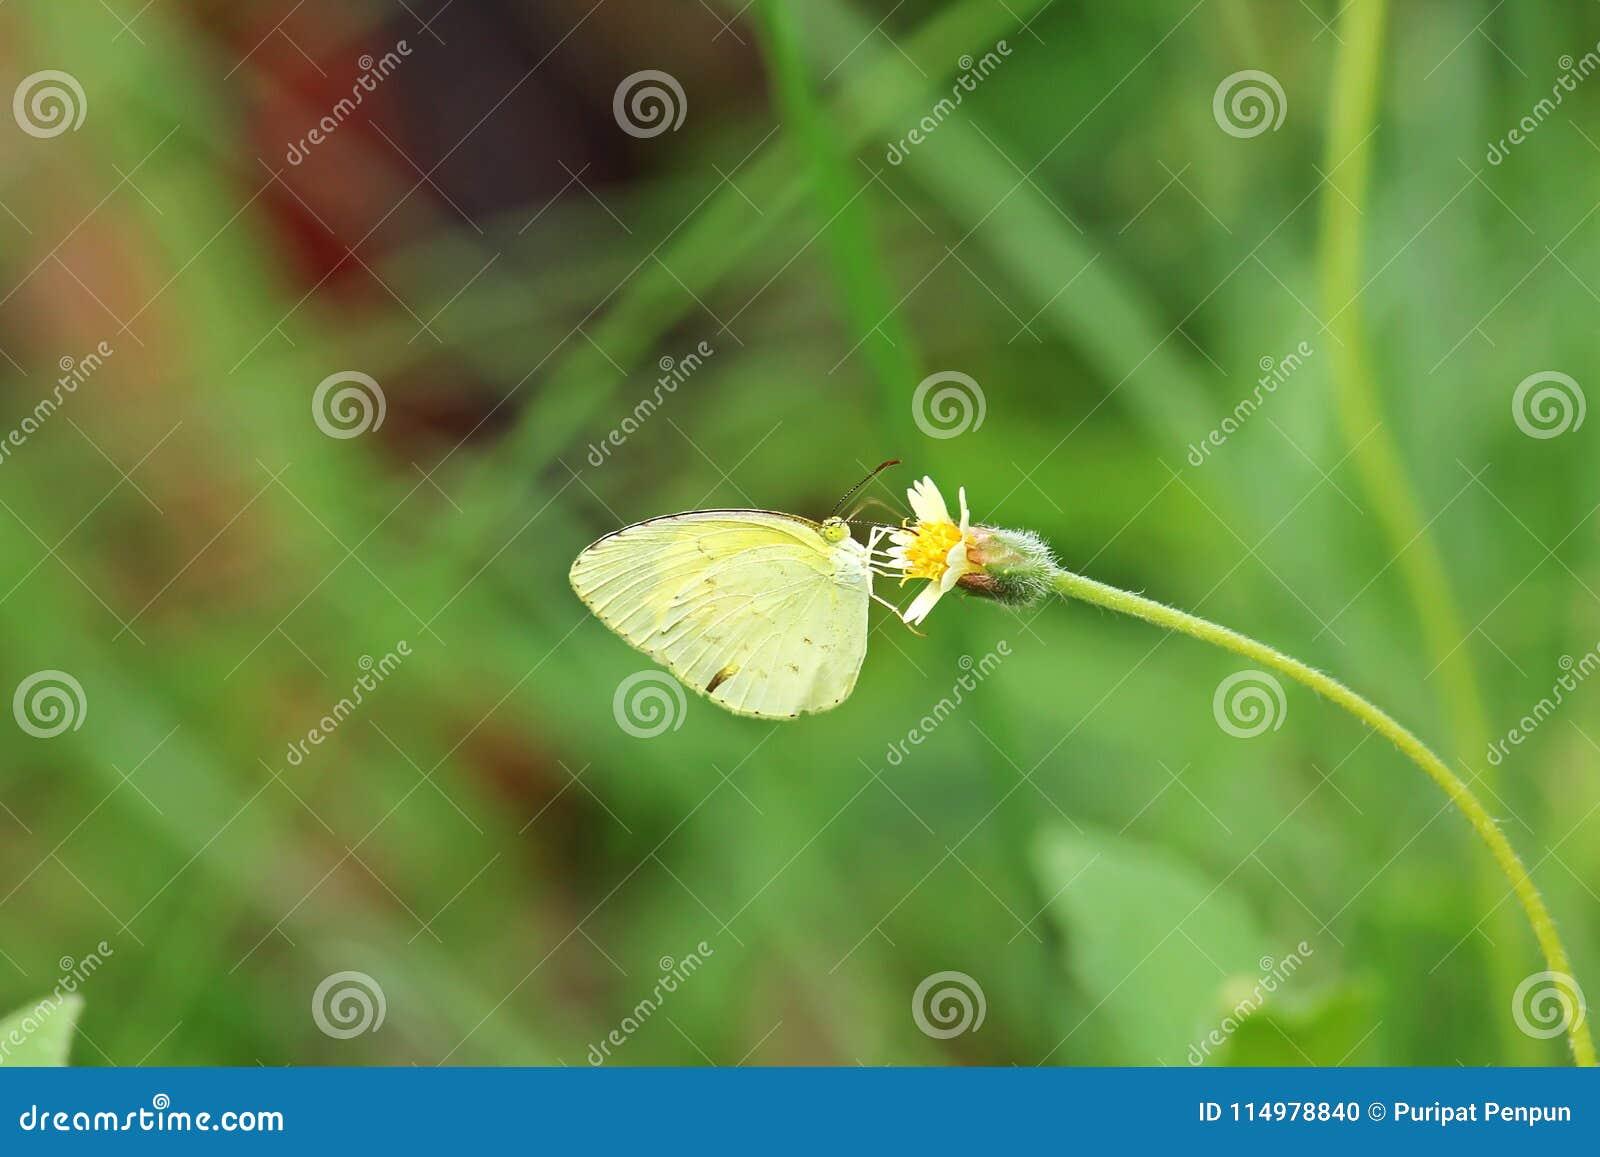 La mariposa común del amarillo de la hierba está en una flor amarilla